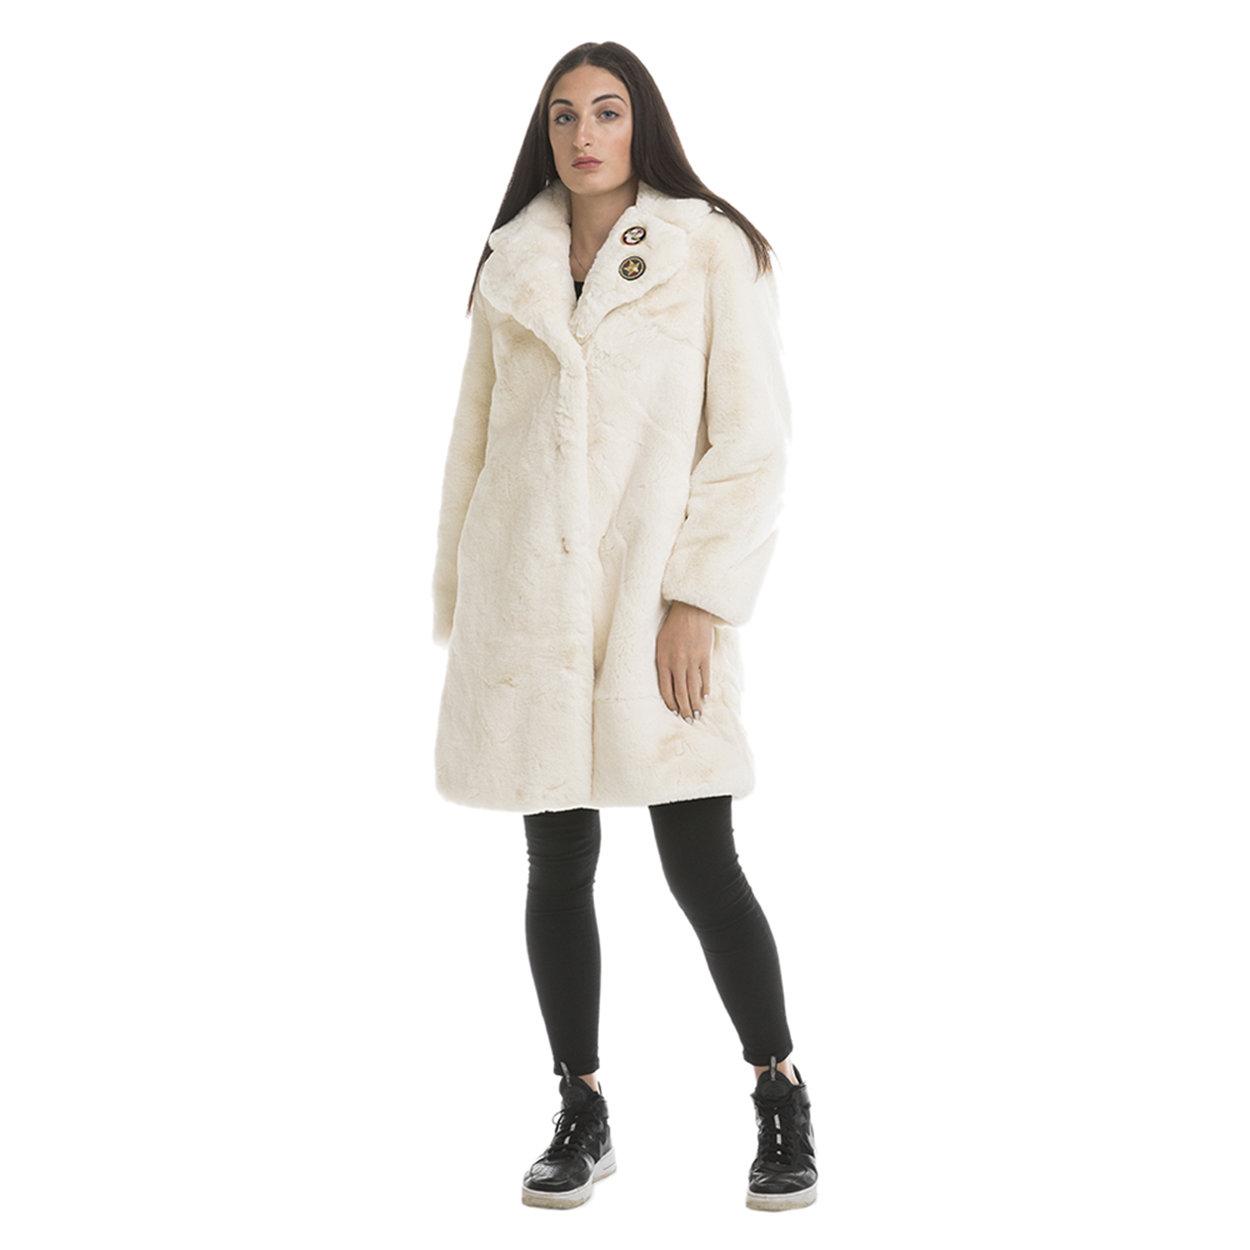 Cappotto donna in tessuto fake fur panna Invicta Capispalla Acquista su Ventis.